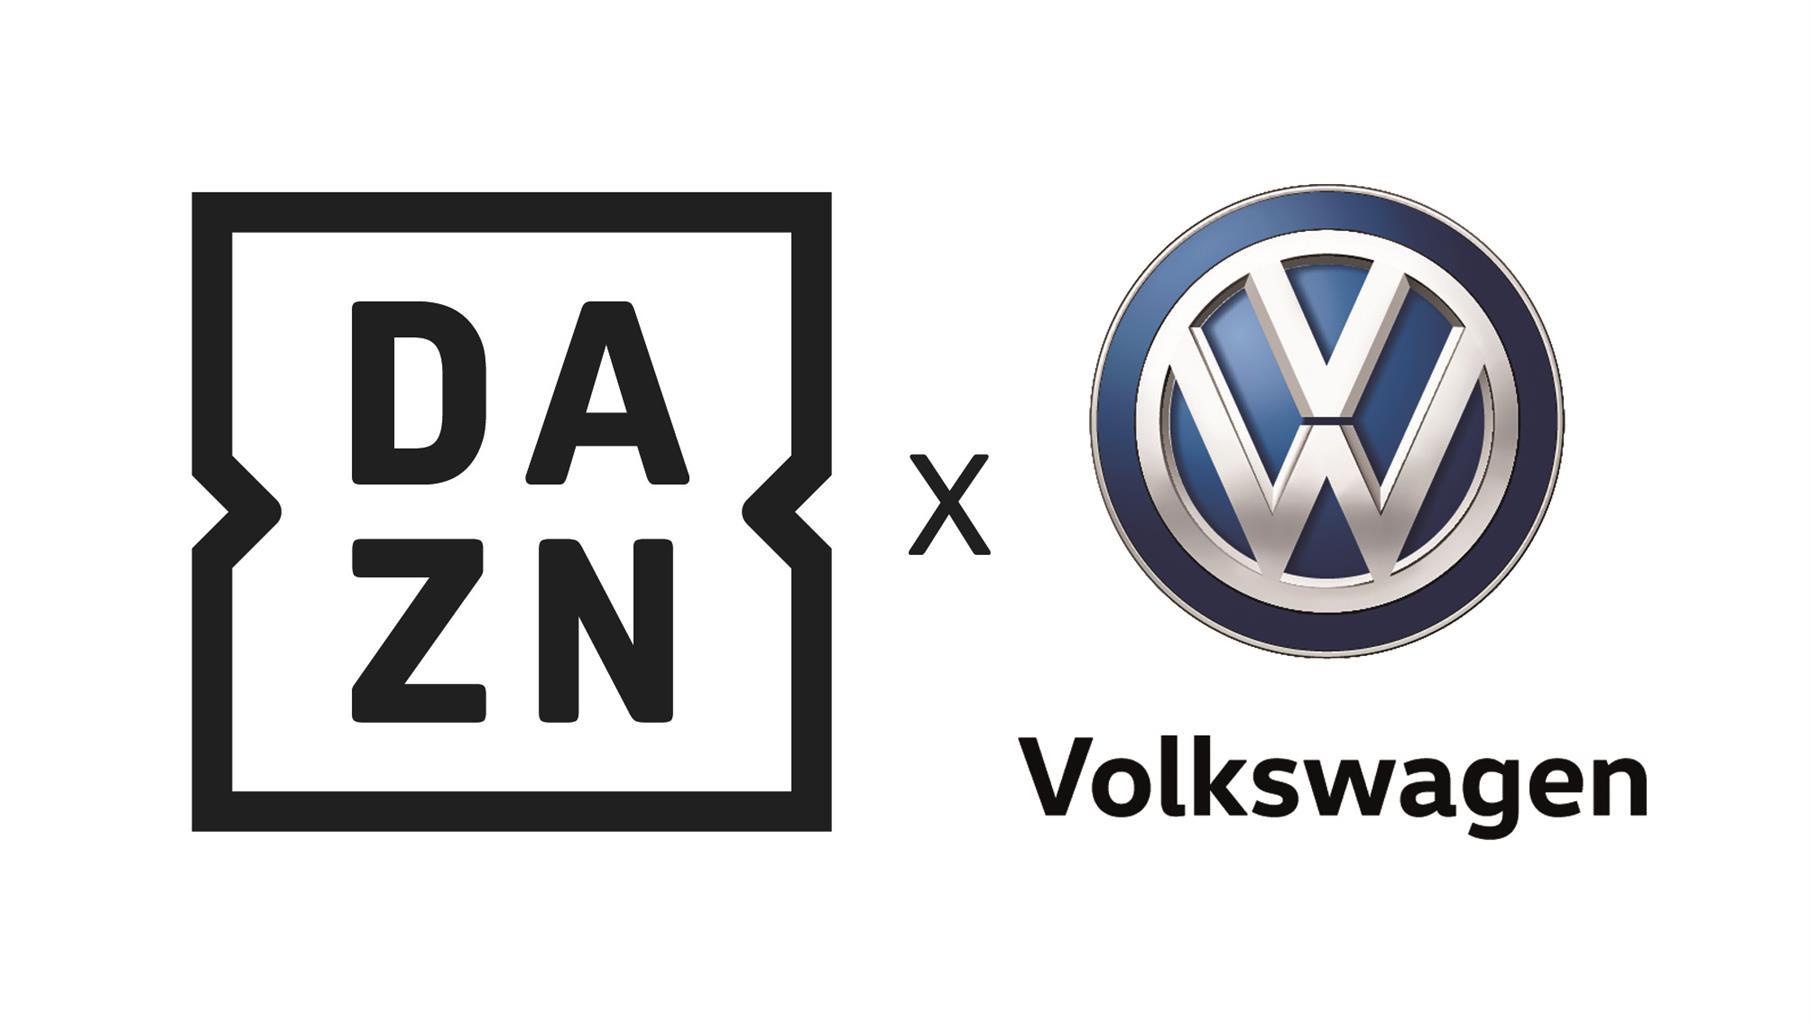 Volkswagen e DAZN insieme per l'innovazione